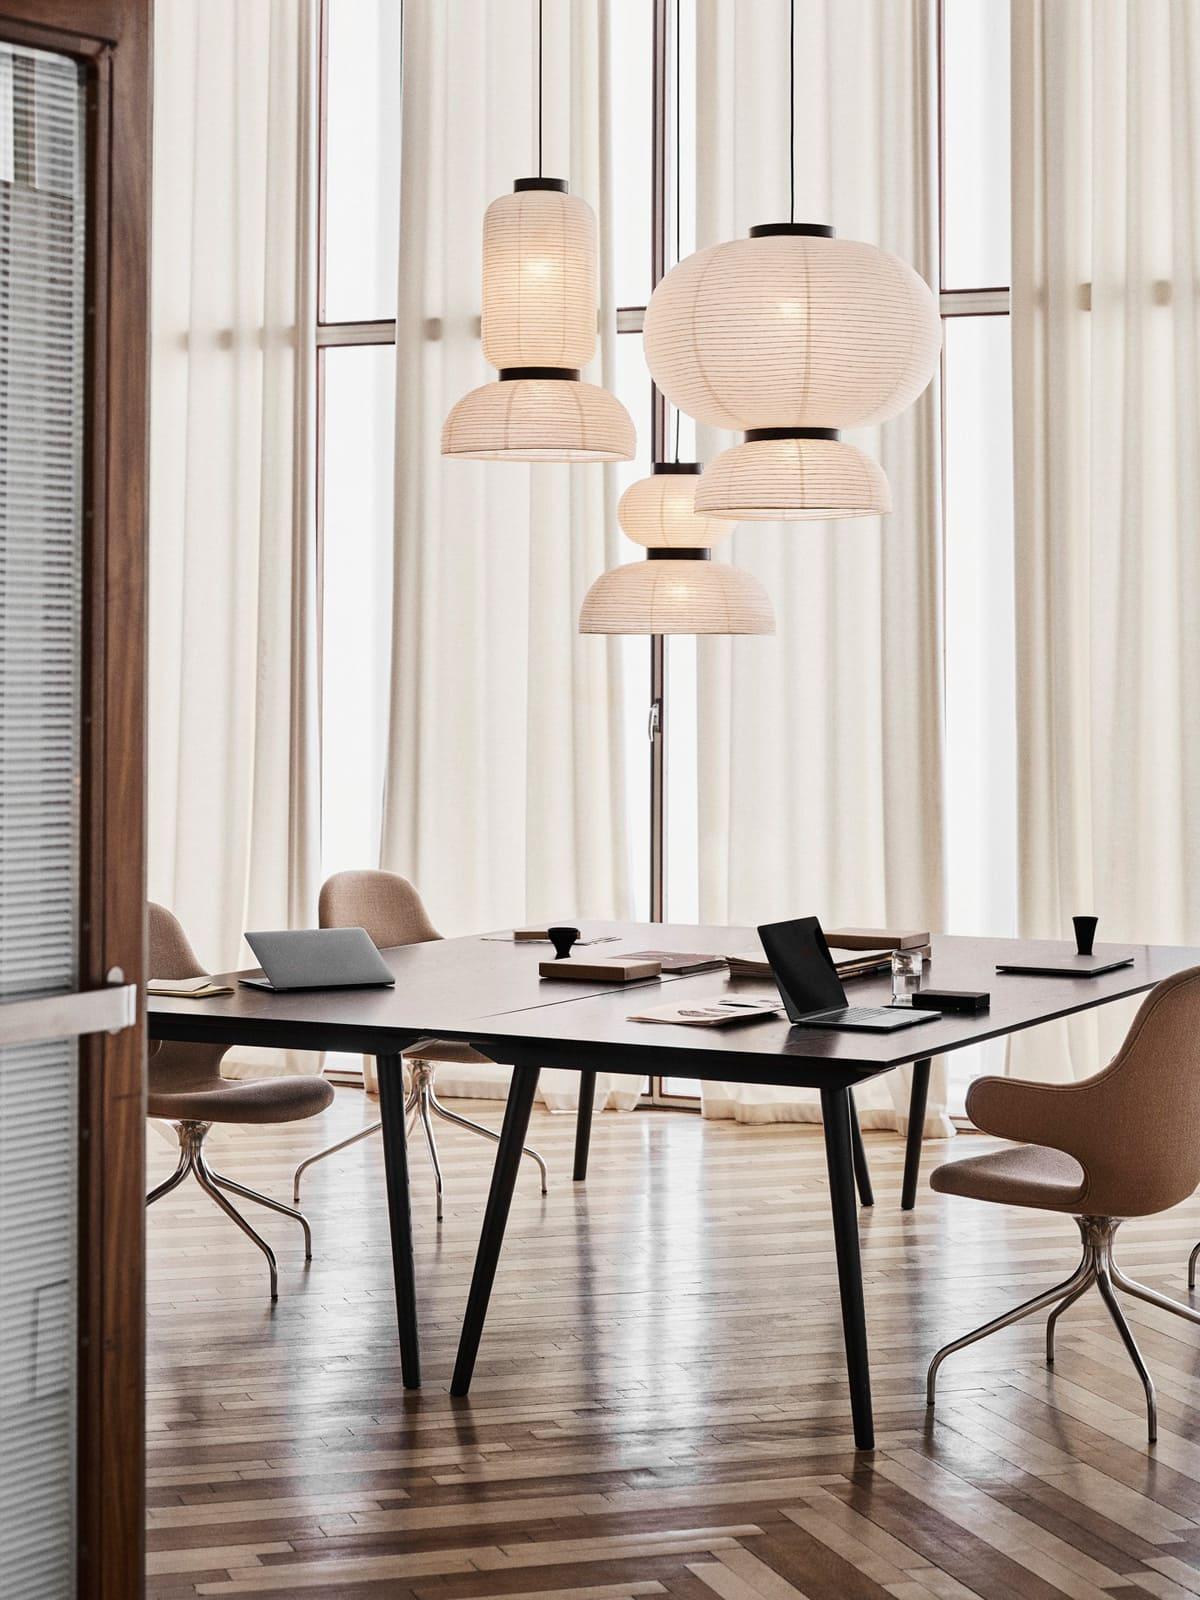 Designerleuchten aus Reispapier &tradition Formakami Leuchten